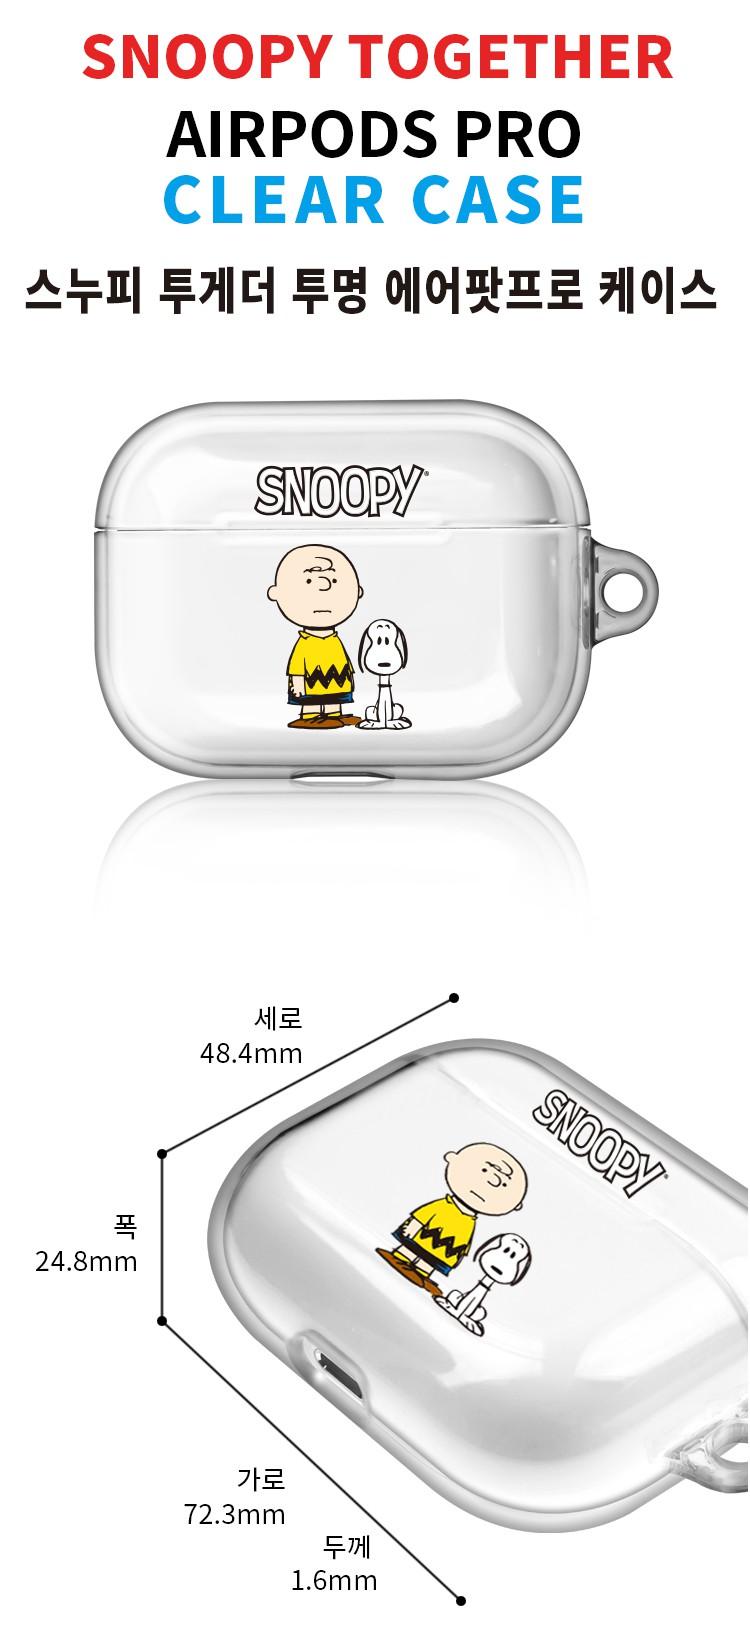 스누피(SNOOPY) 투게더 투명 에어팟프로케이스 찰리스누피